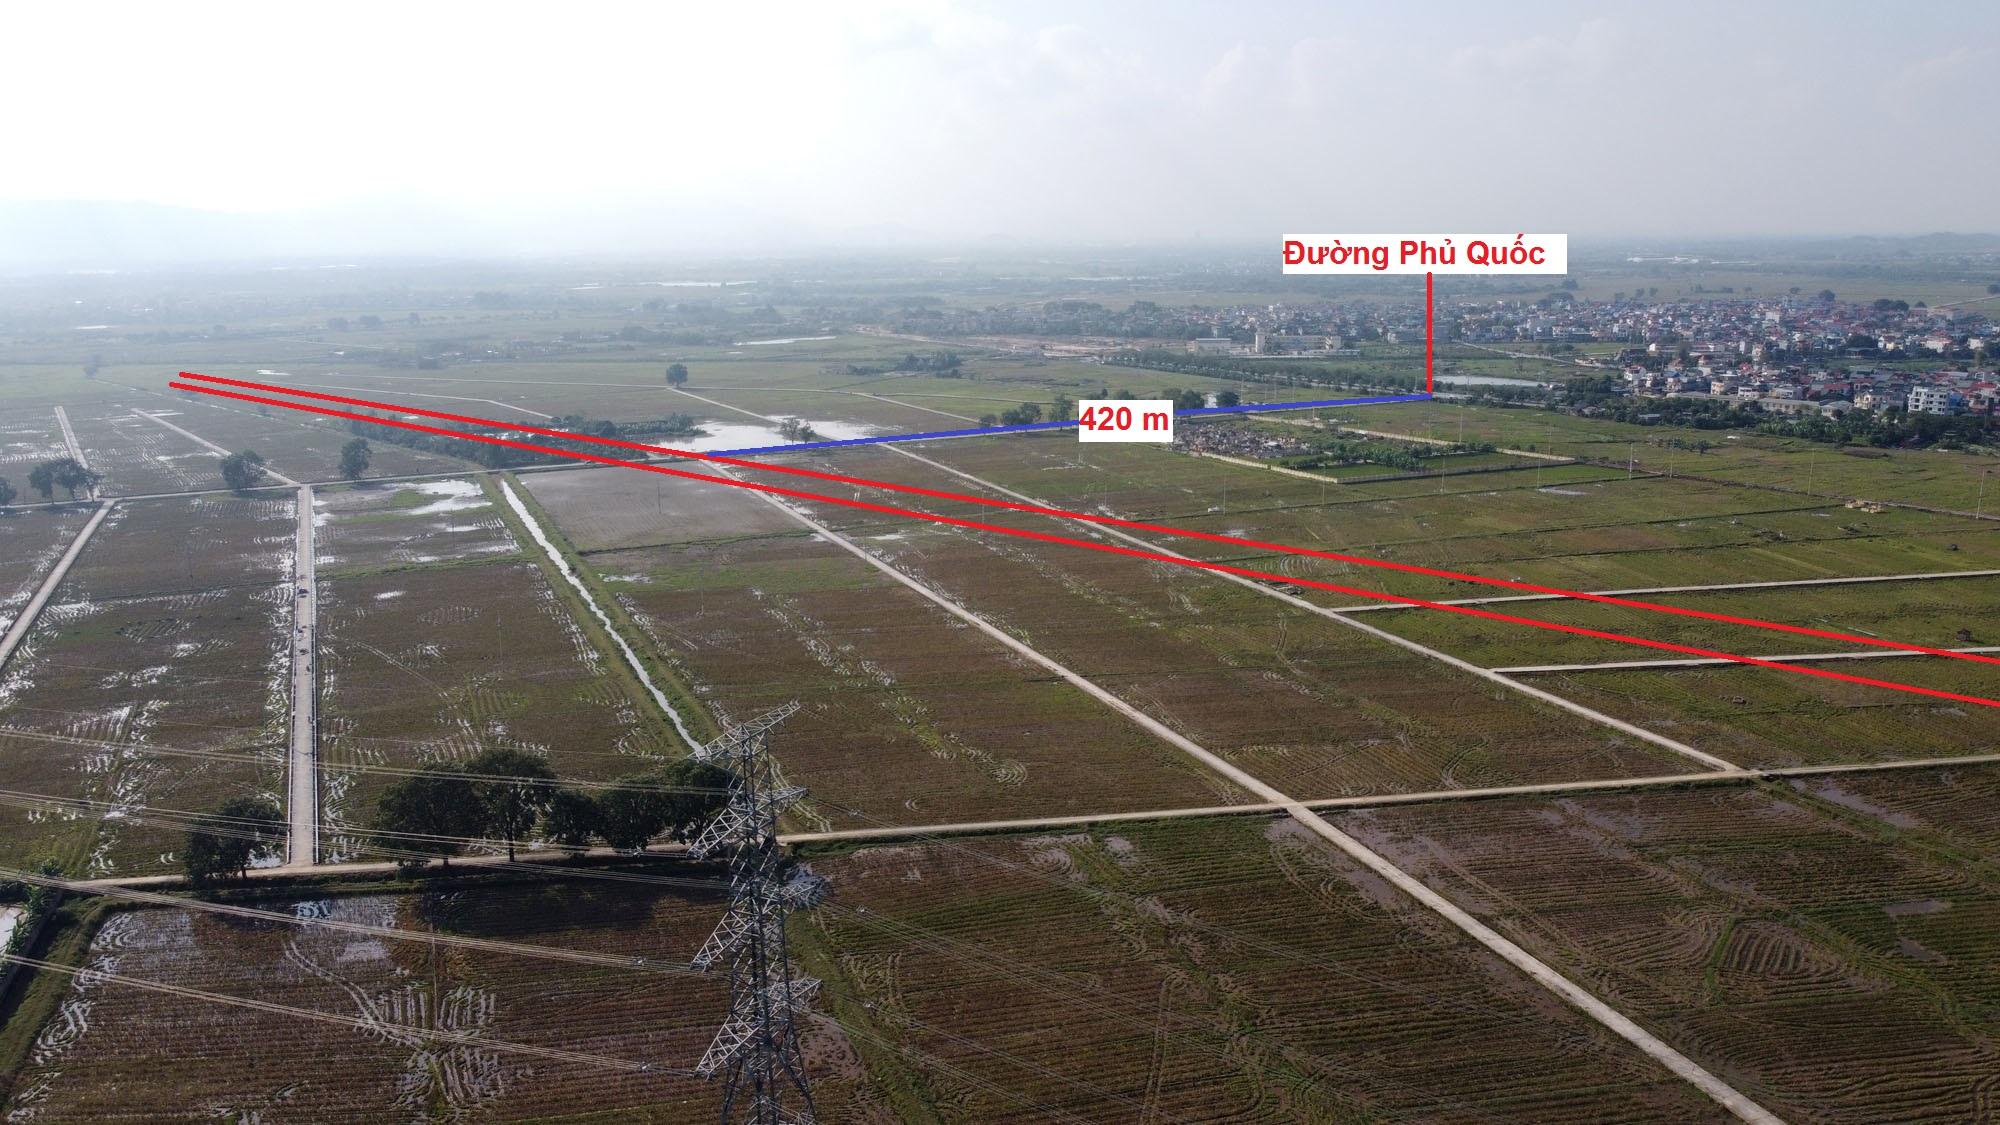 Ba đường sẽ mở theo qui hoạch ở xã Thạch Thán, Quốc Oai, Hà Nội - Ảnh 11.